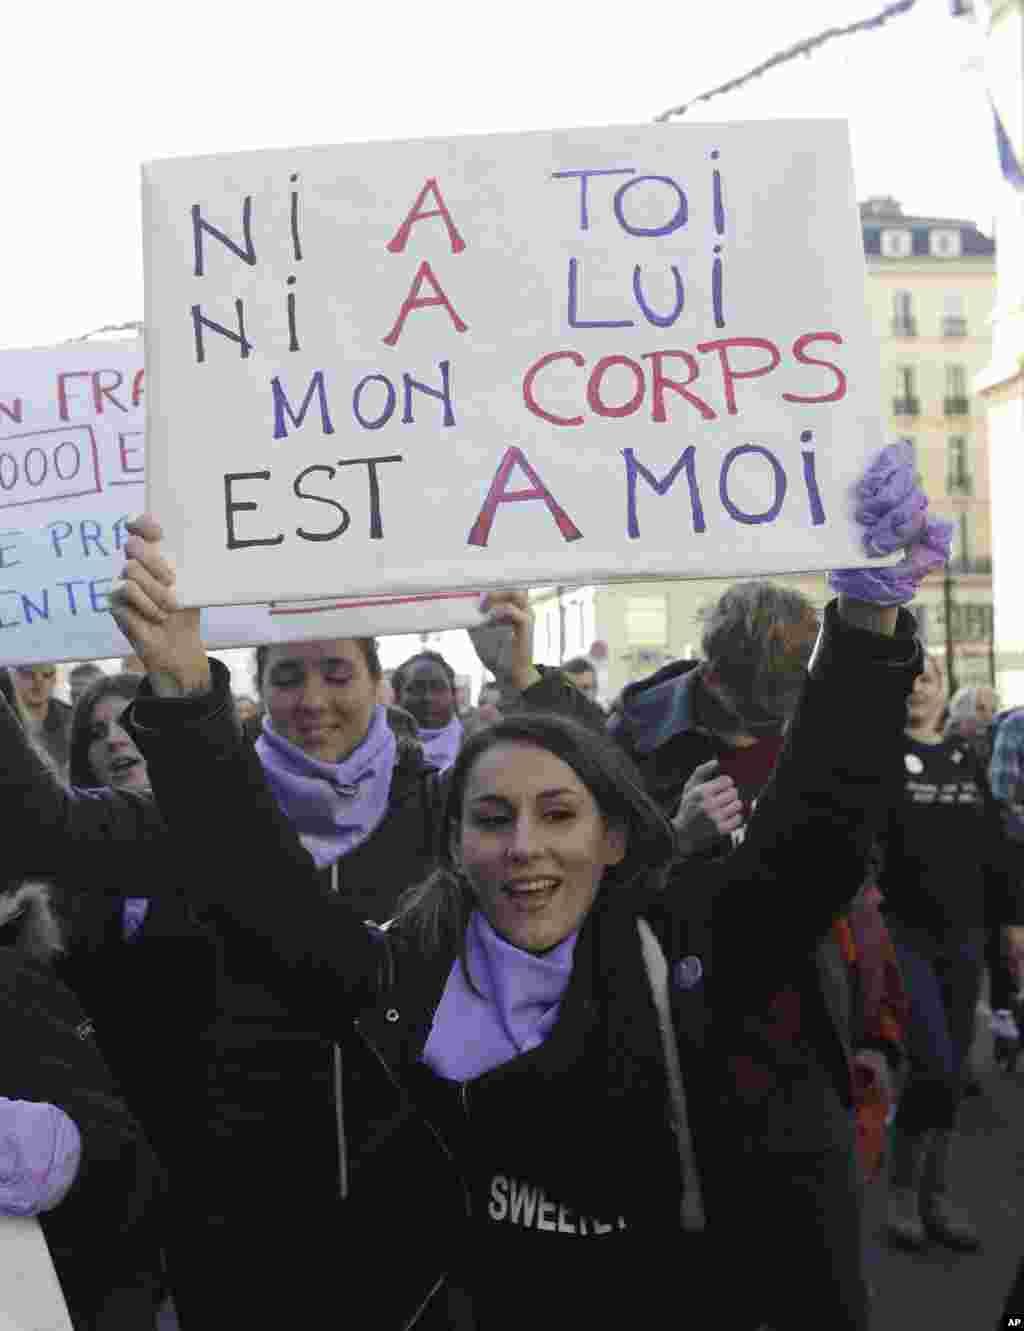 گروه هایی از زنان فمنیست در تجمع روز شنبه در پاریس با شعار «نه تو و نه آن مرد؛ بدن من به خودم تعلق دارد» در آستانه روز رفع خشونت علیه زنان تجمع کردند